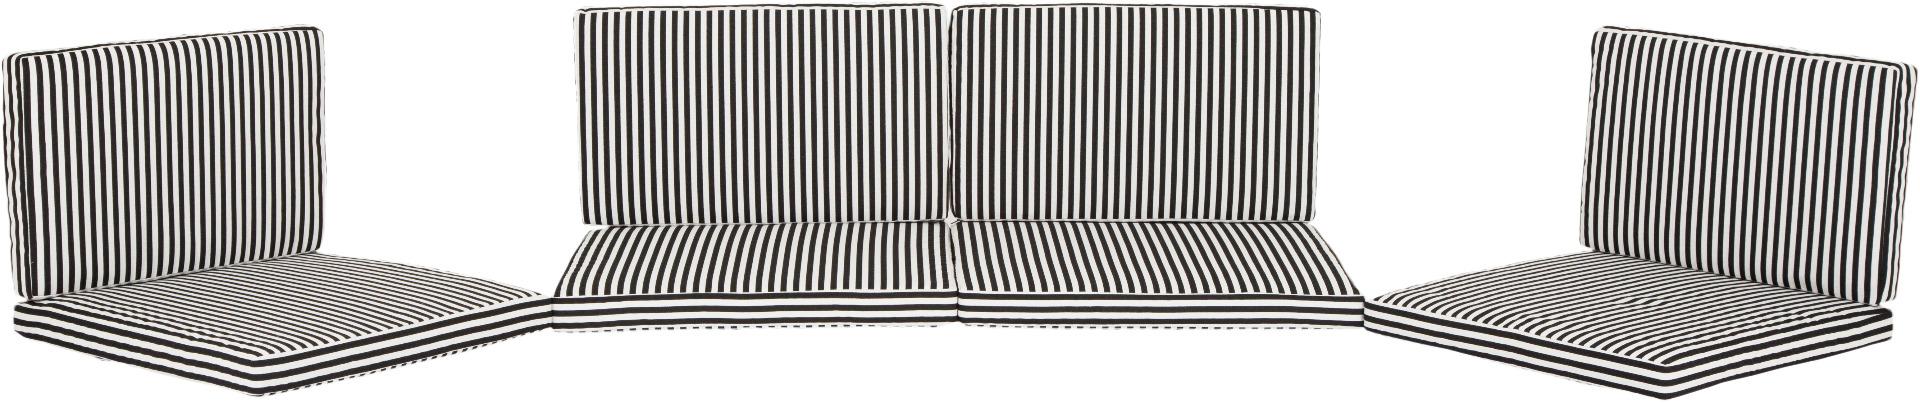 Ersatzkissen Set Lounge Gruppen Monaco im skandinavischen Streifen schwarz weiss mit Reissverschluss